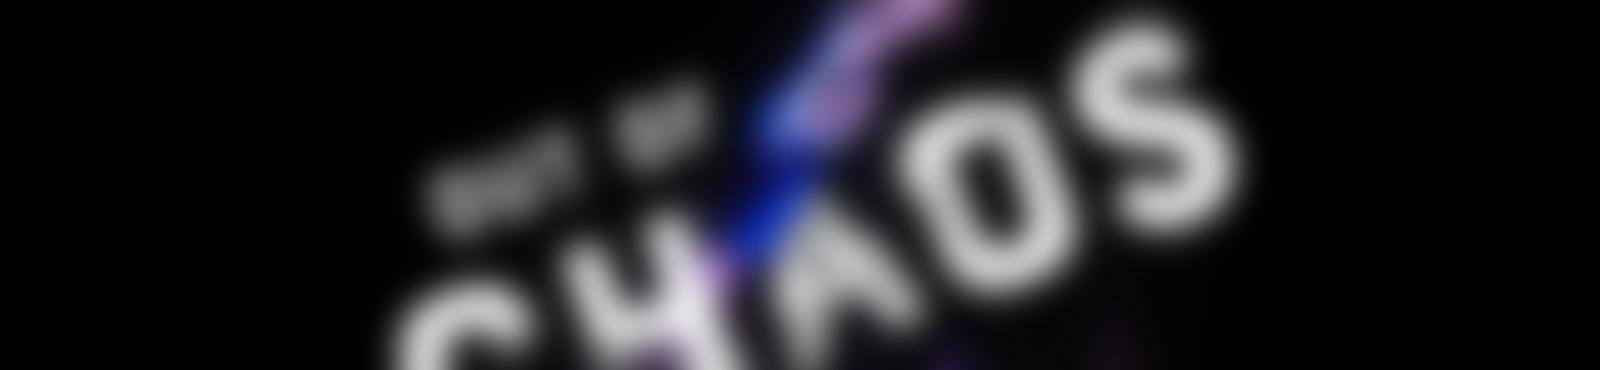 Blurred 3e54081f b025 4de1 b578 5a08757a9445